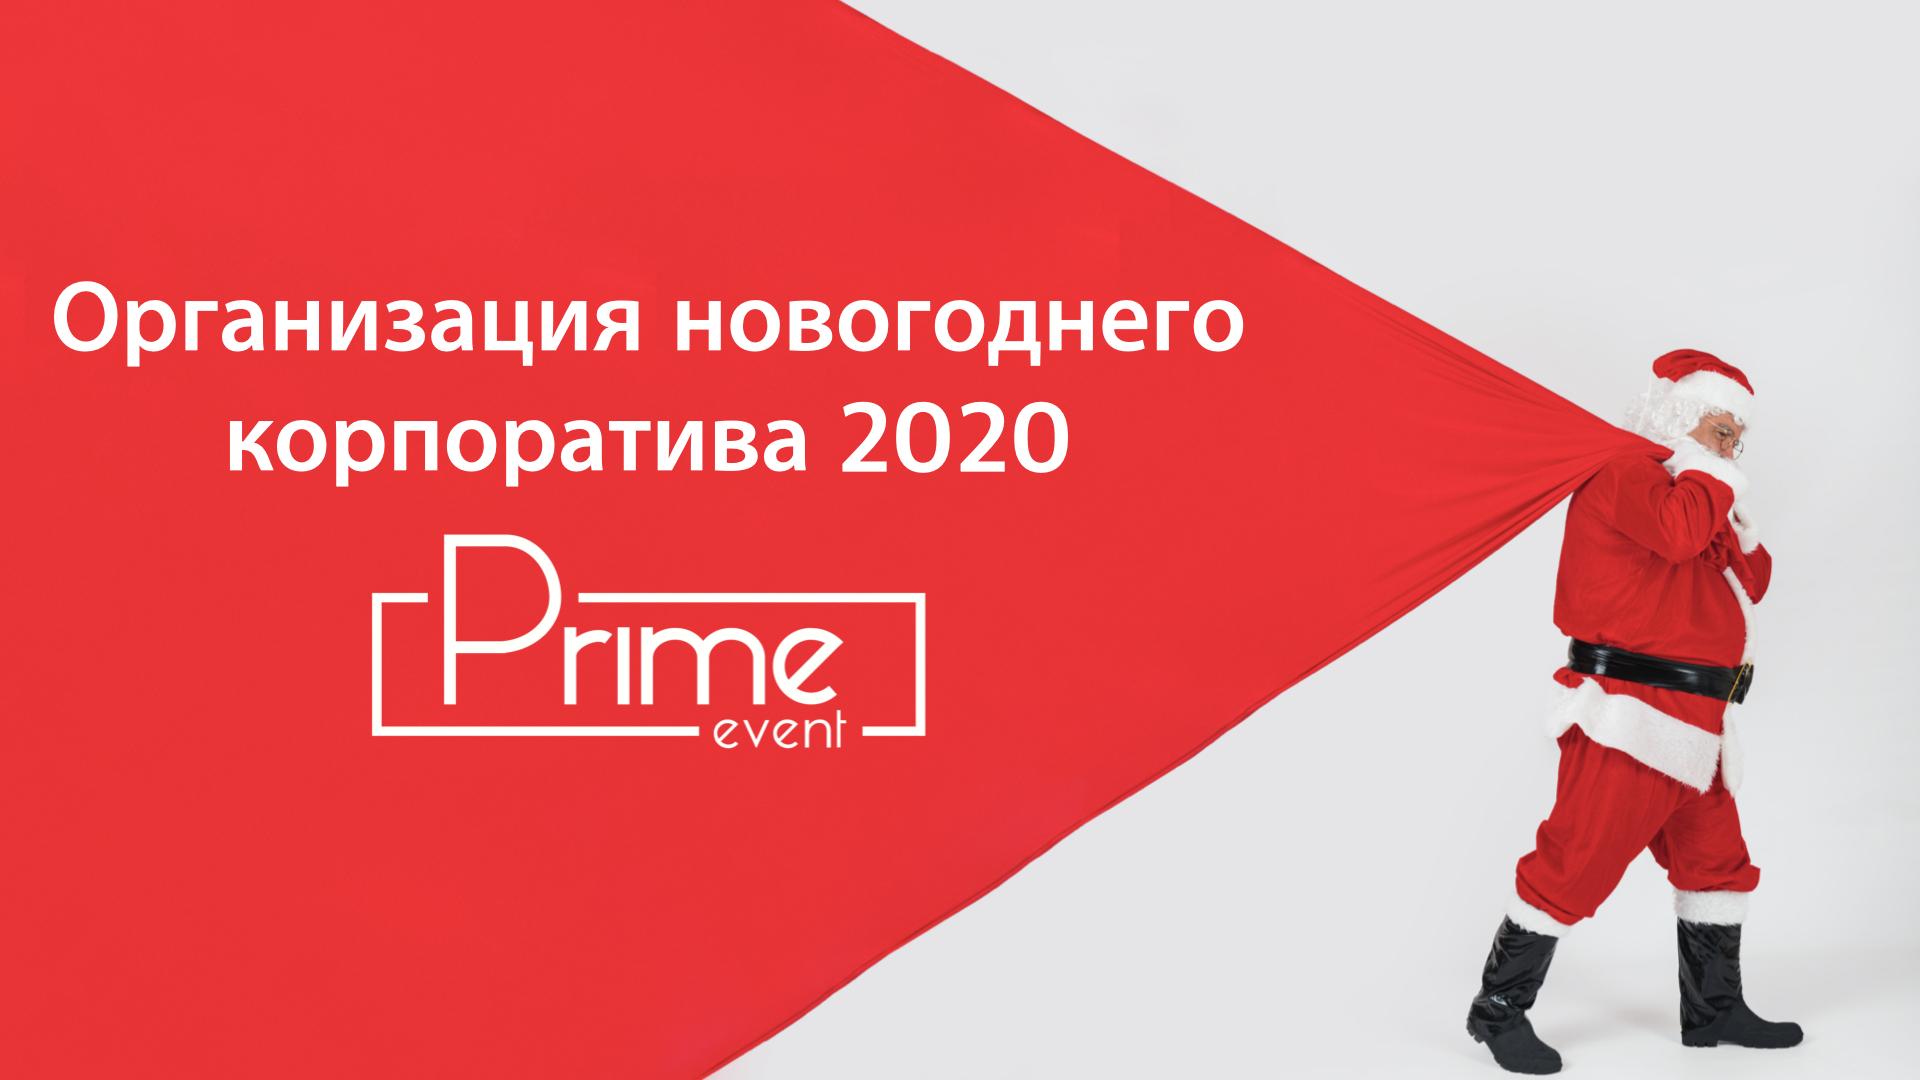 Организация Нового года 2020 в Киеве. Чего ждать и как отпраздновать?